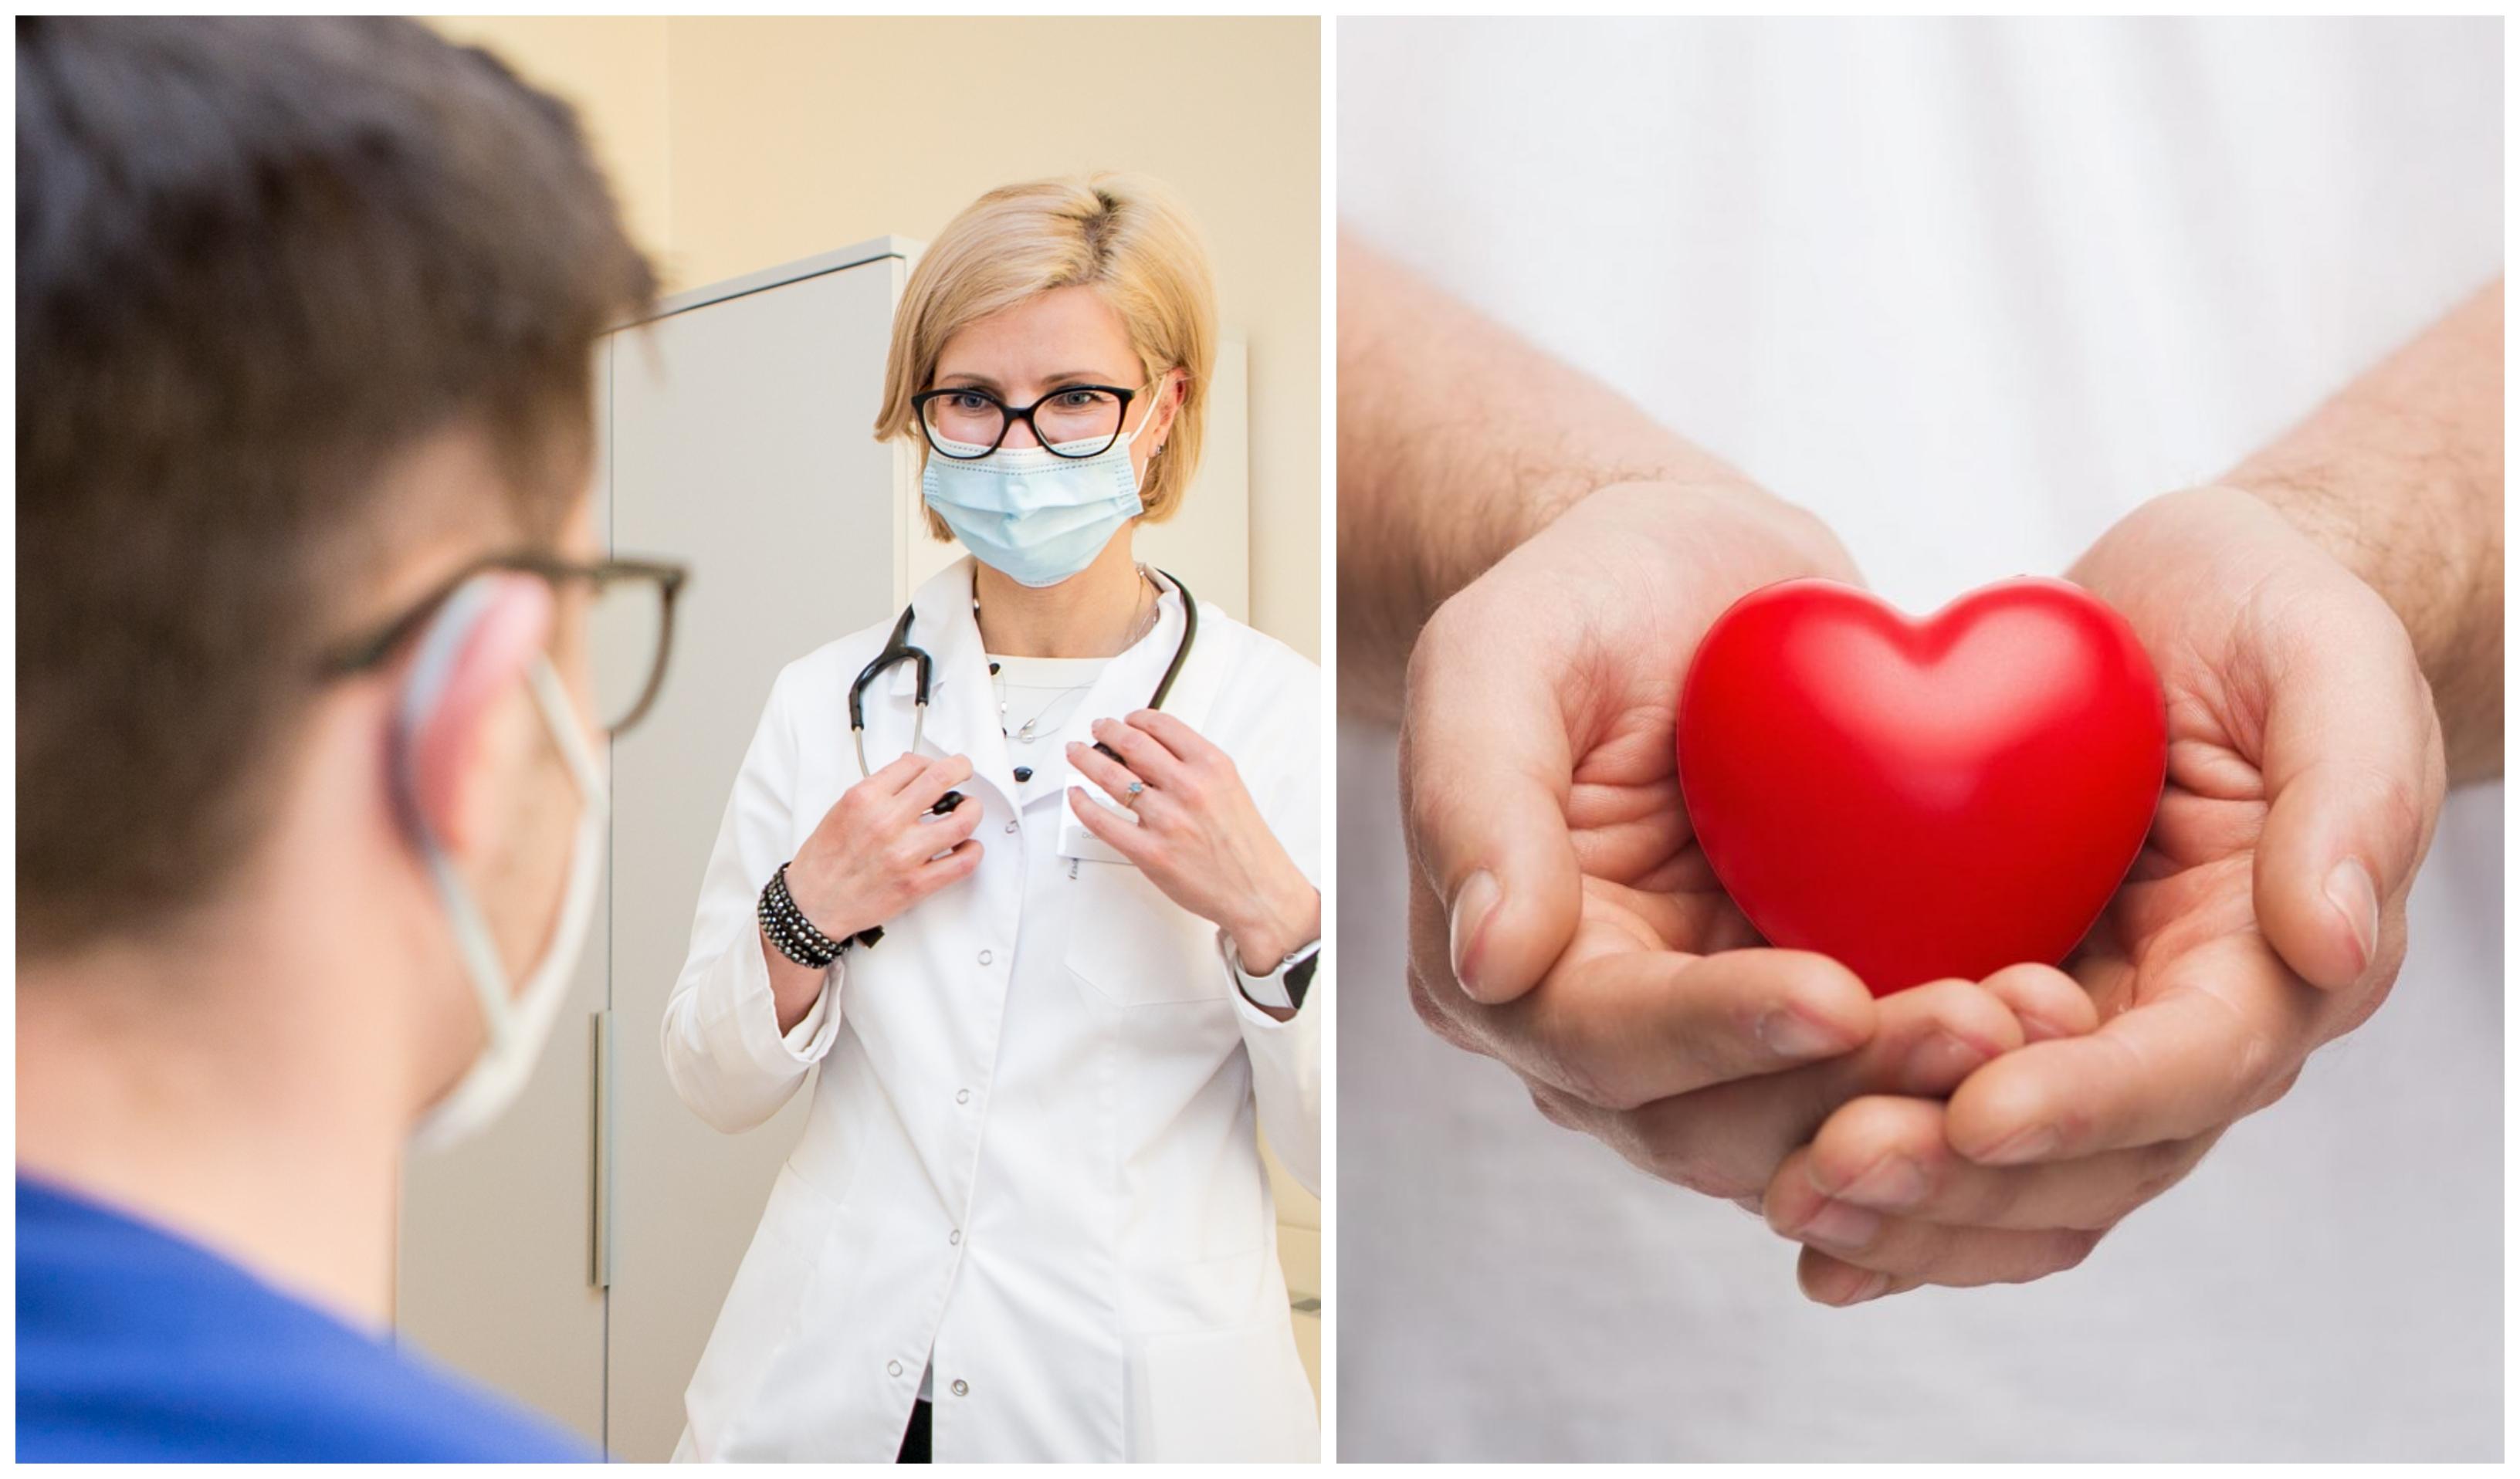 gyvas sveikas perdavimas apie hipertenziją)